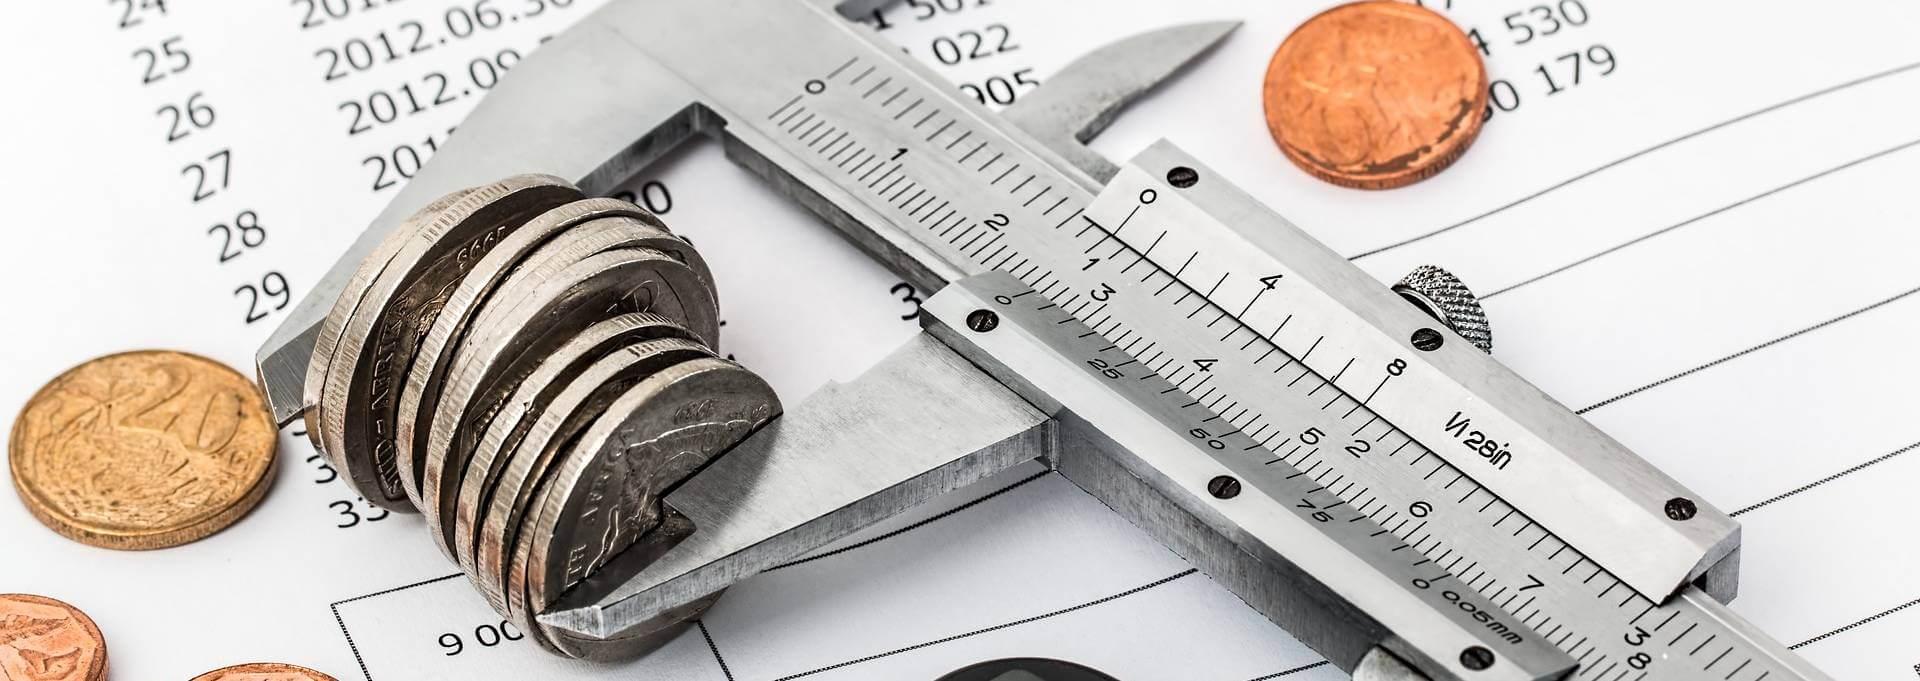 Aufgebotsverfahren: Klarheit über Haftungsrisiken in der Erbengemeinschaft